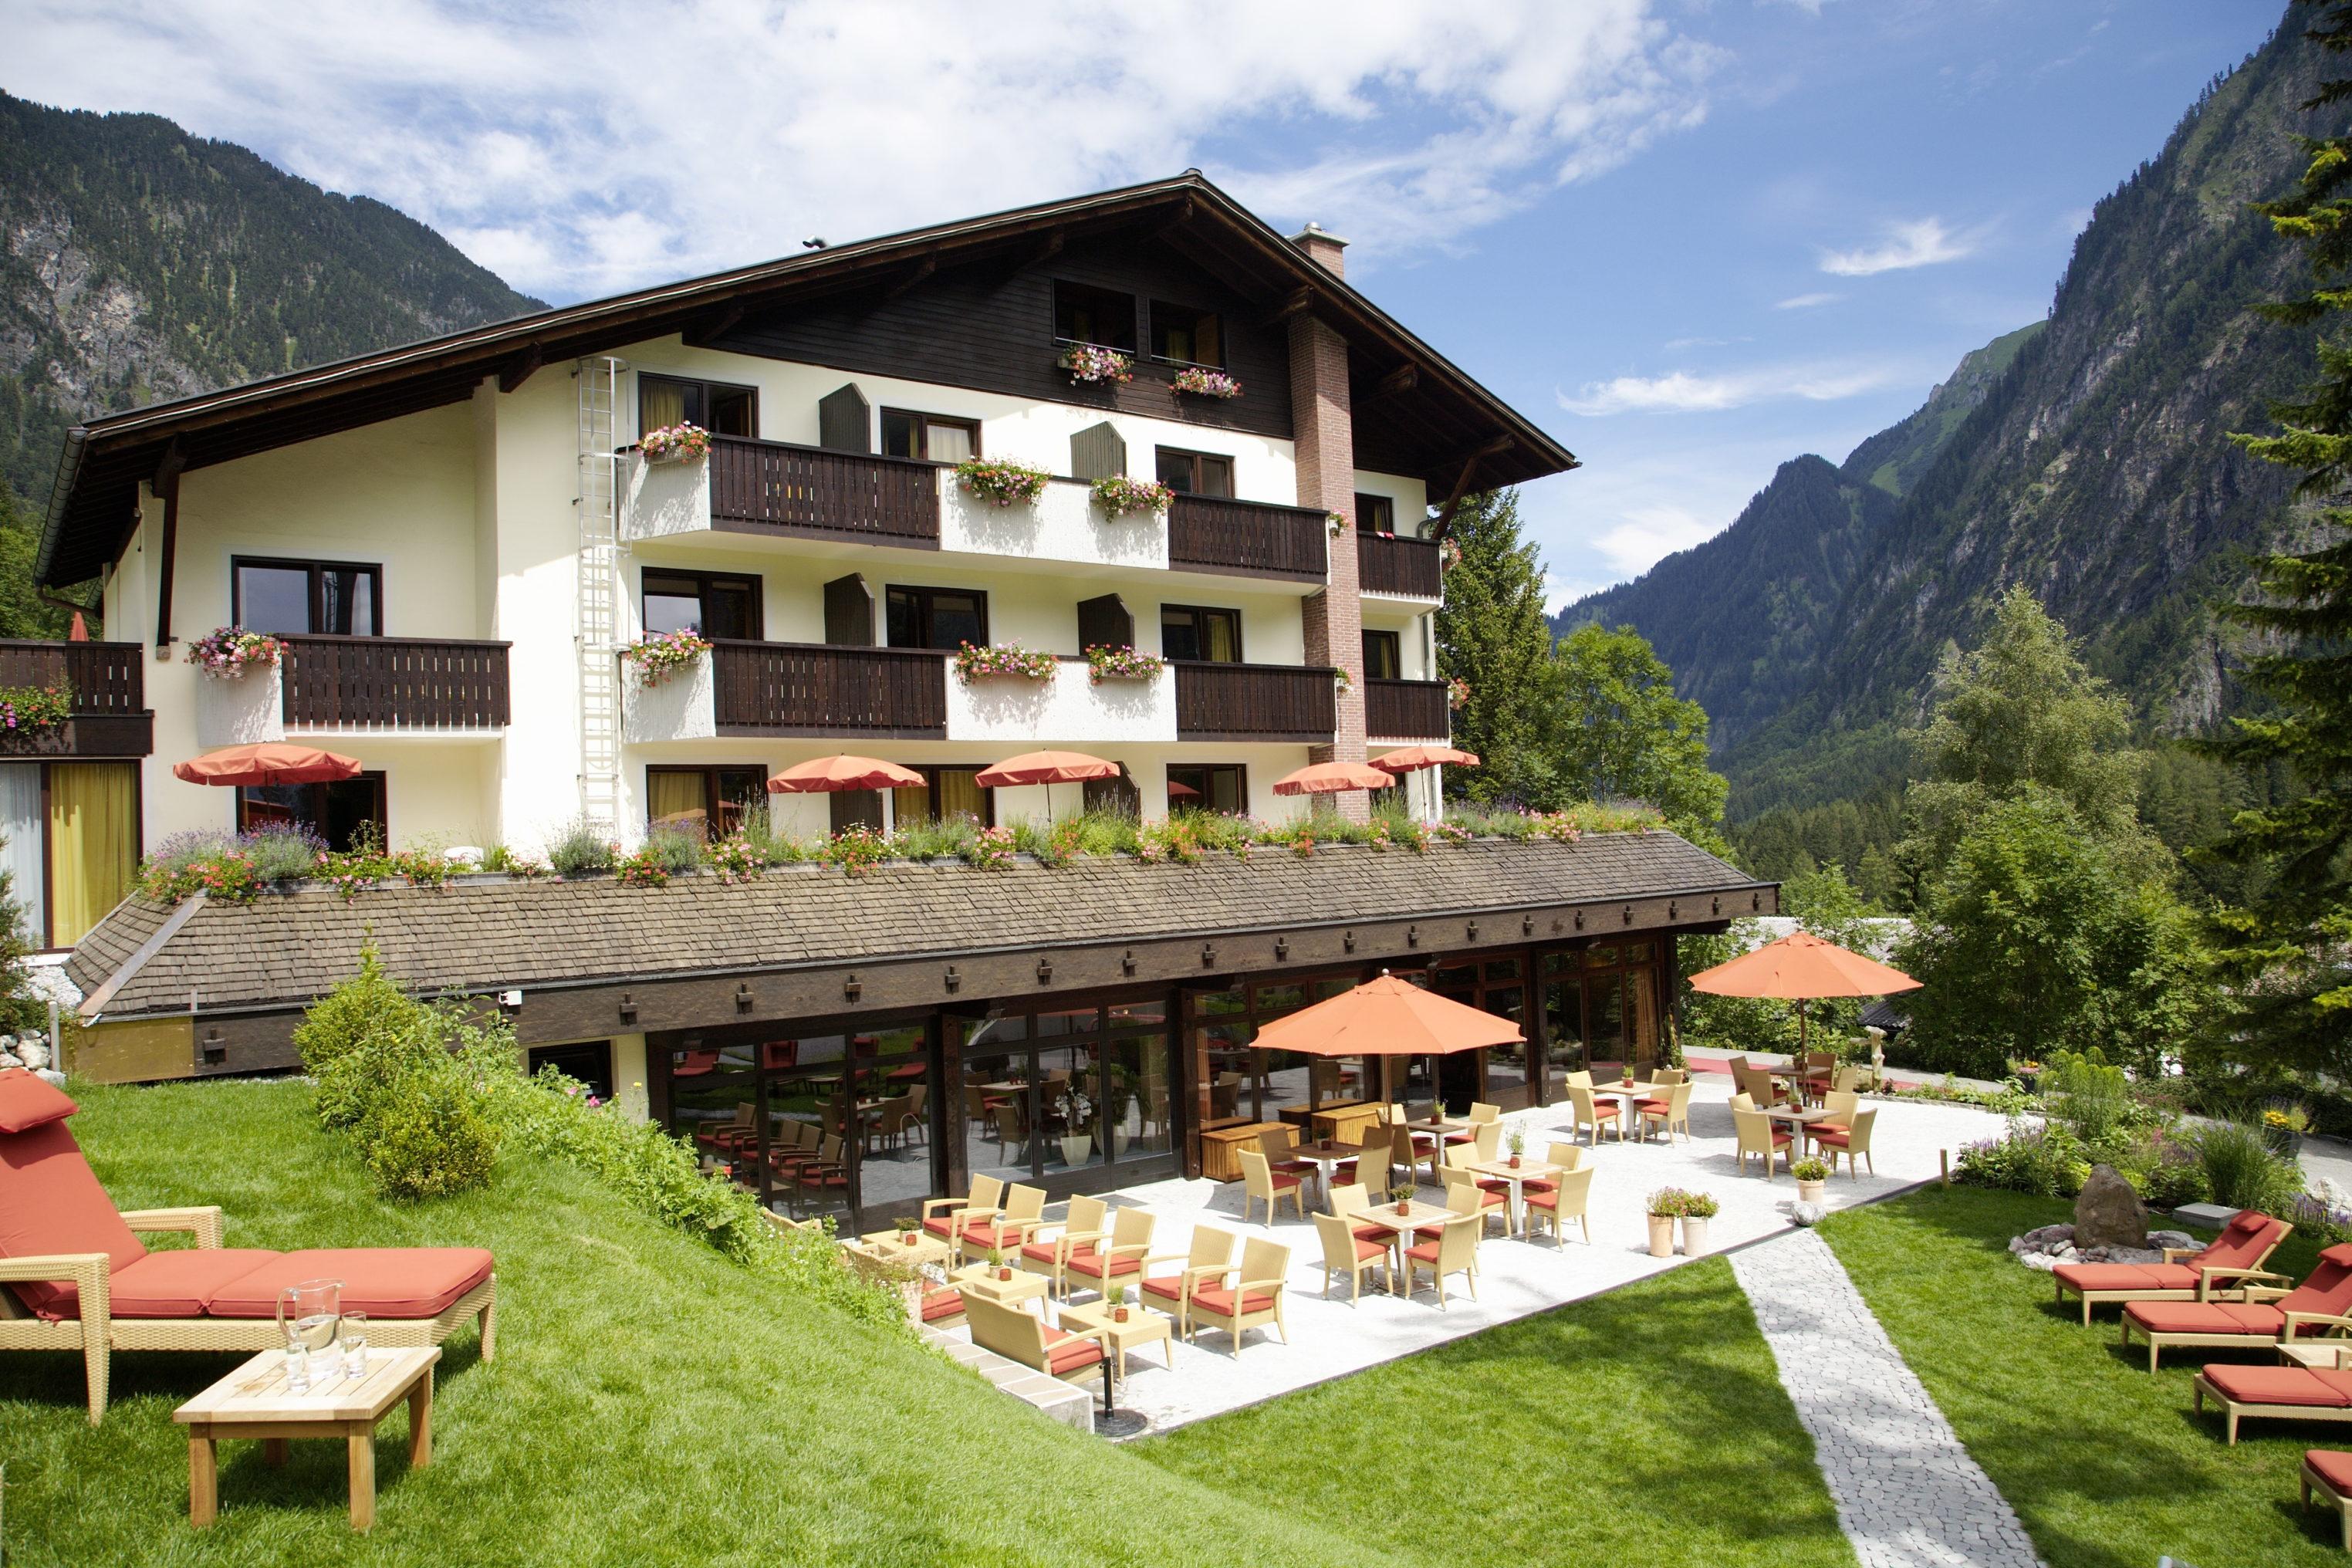 Top family familienhotel lagant brand alpenregion bludenz for Modernes familienhotel